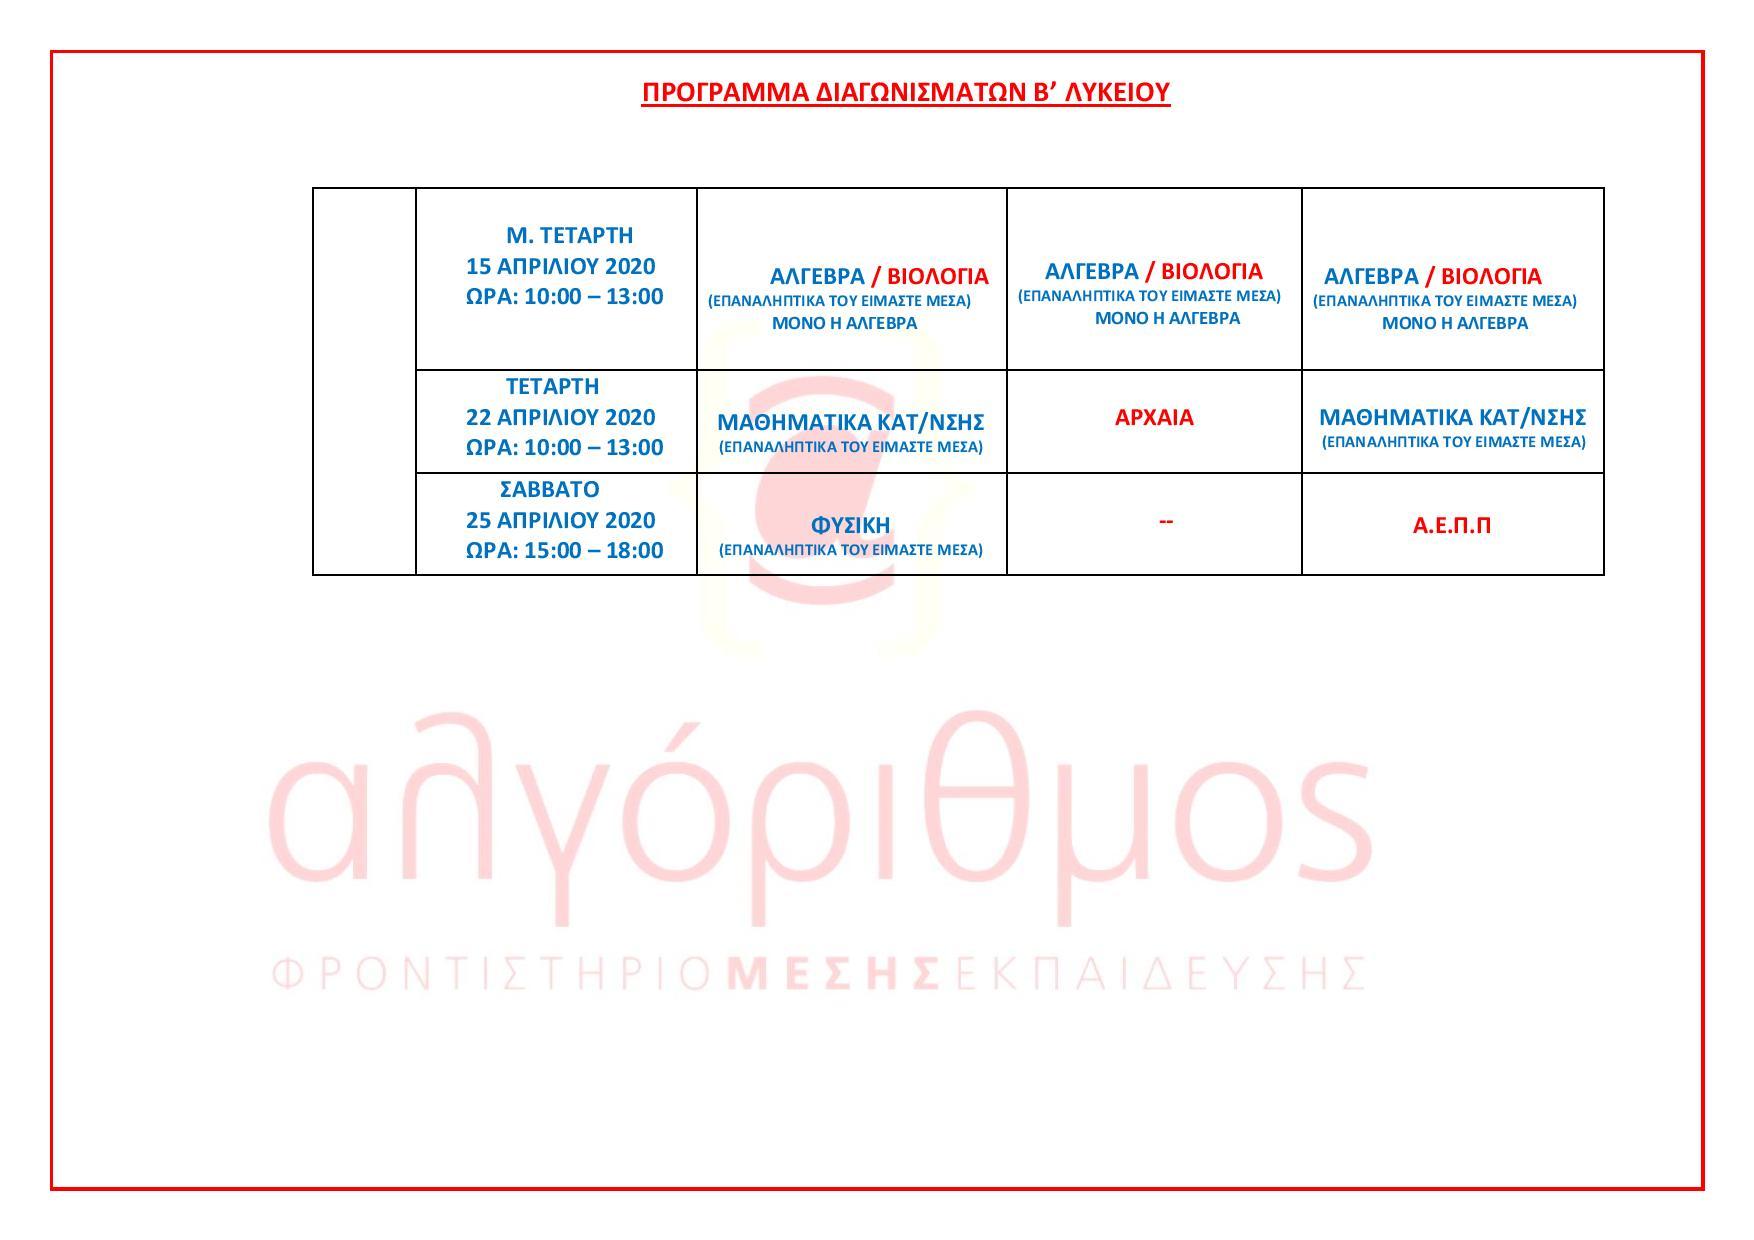 diagonismata-b-likeiou-b-kiklos-3